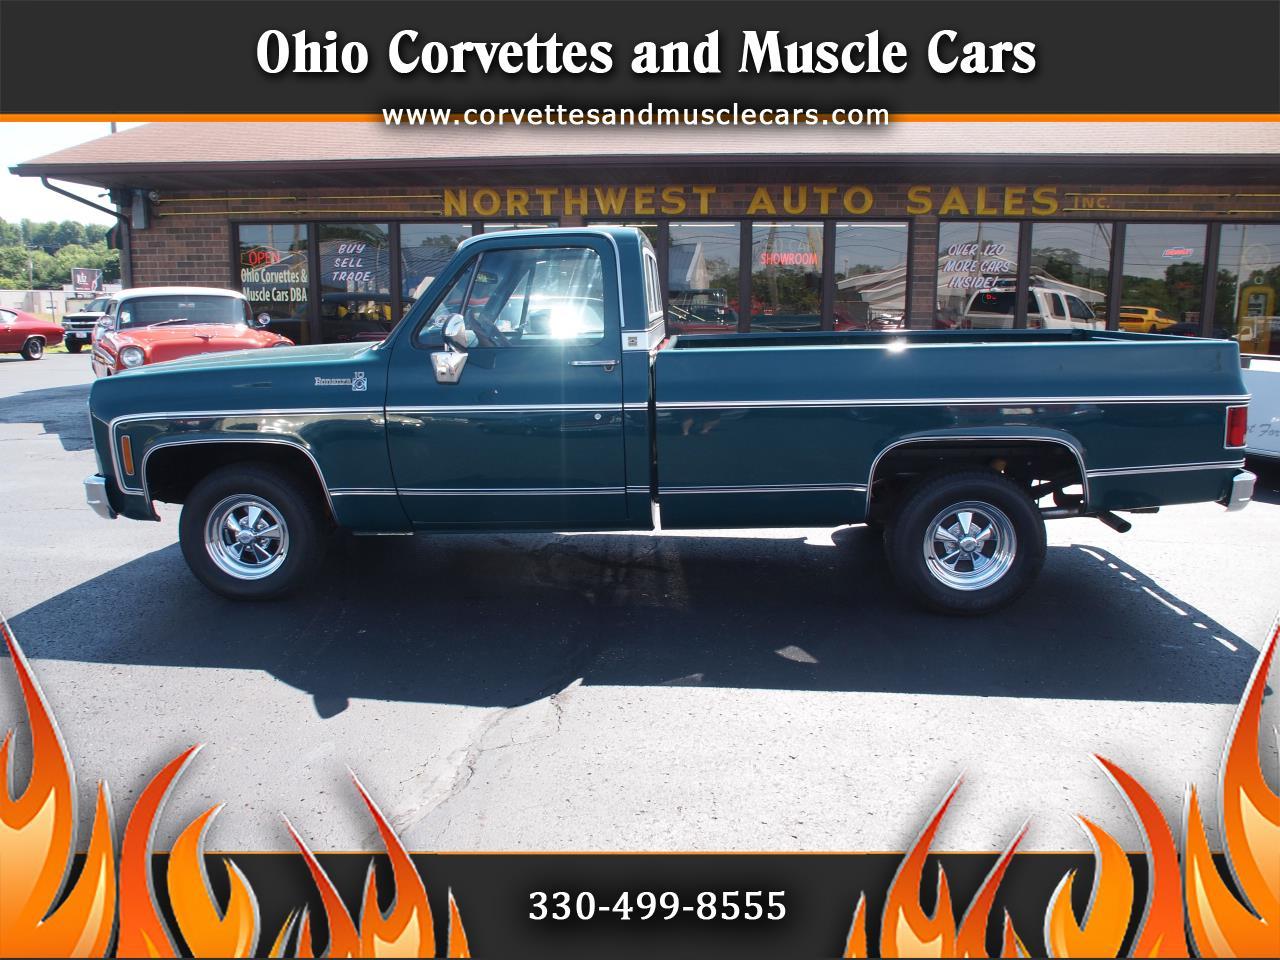 1979 Chevrolet 1/2 Ton Pickups Bonanza